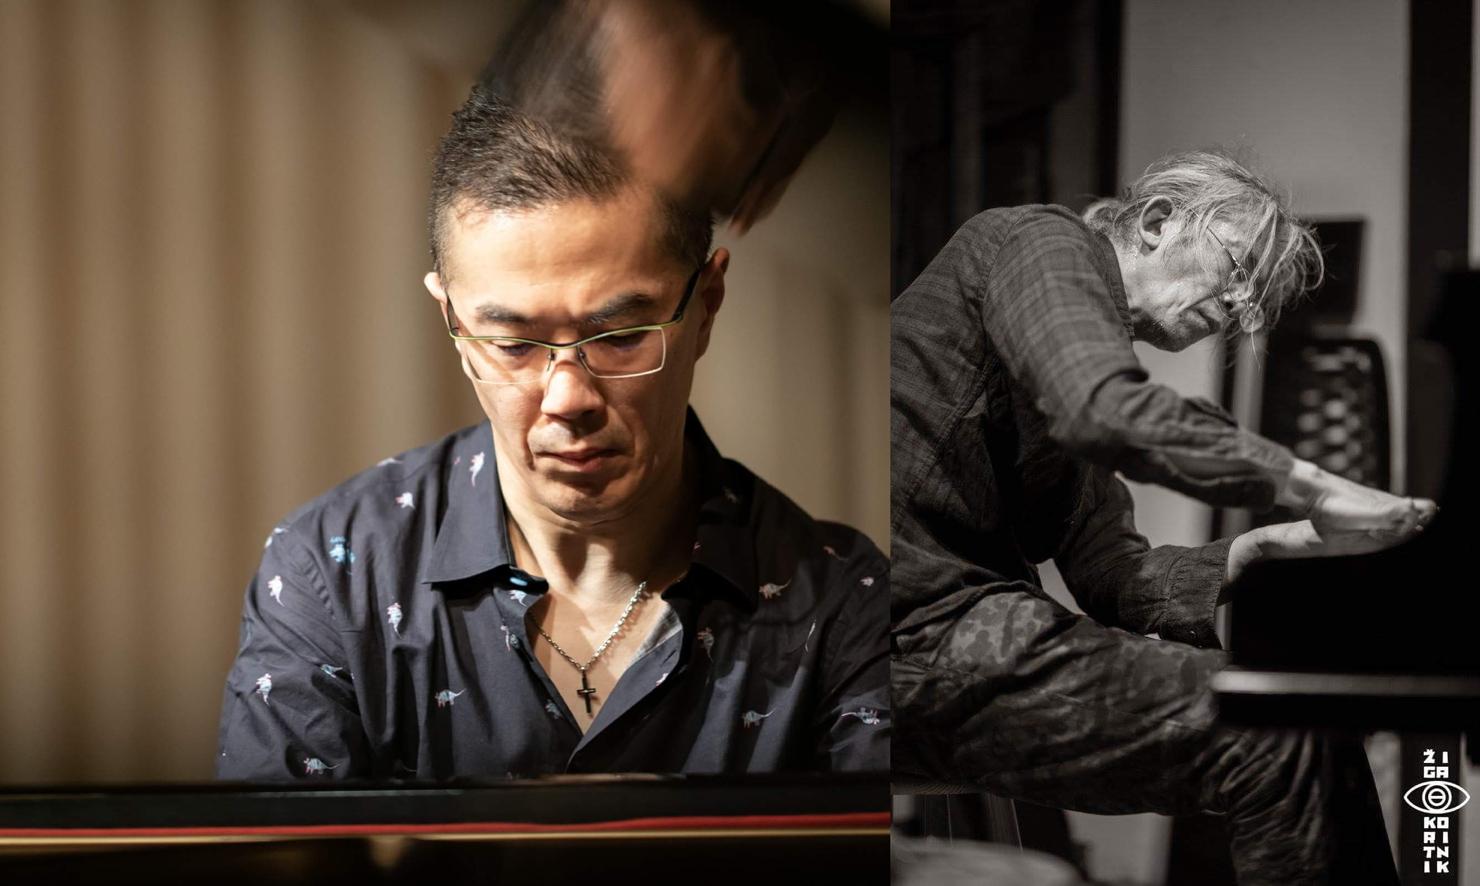 千野秀一 piano+照内央晴 piano Duo